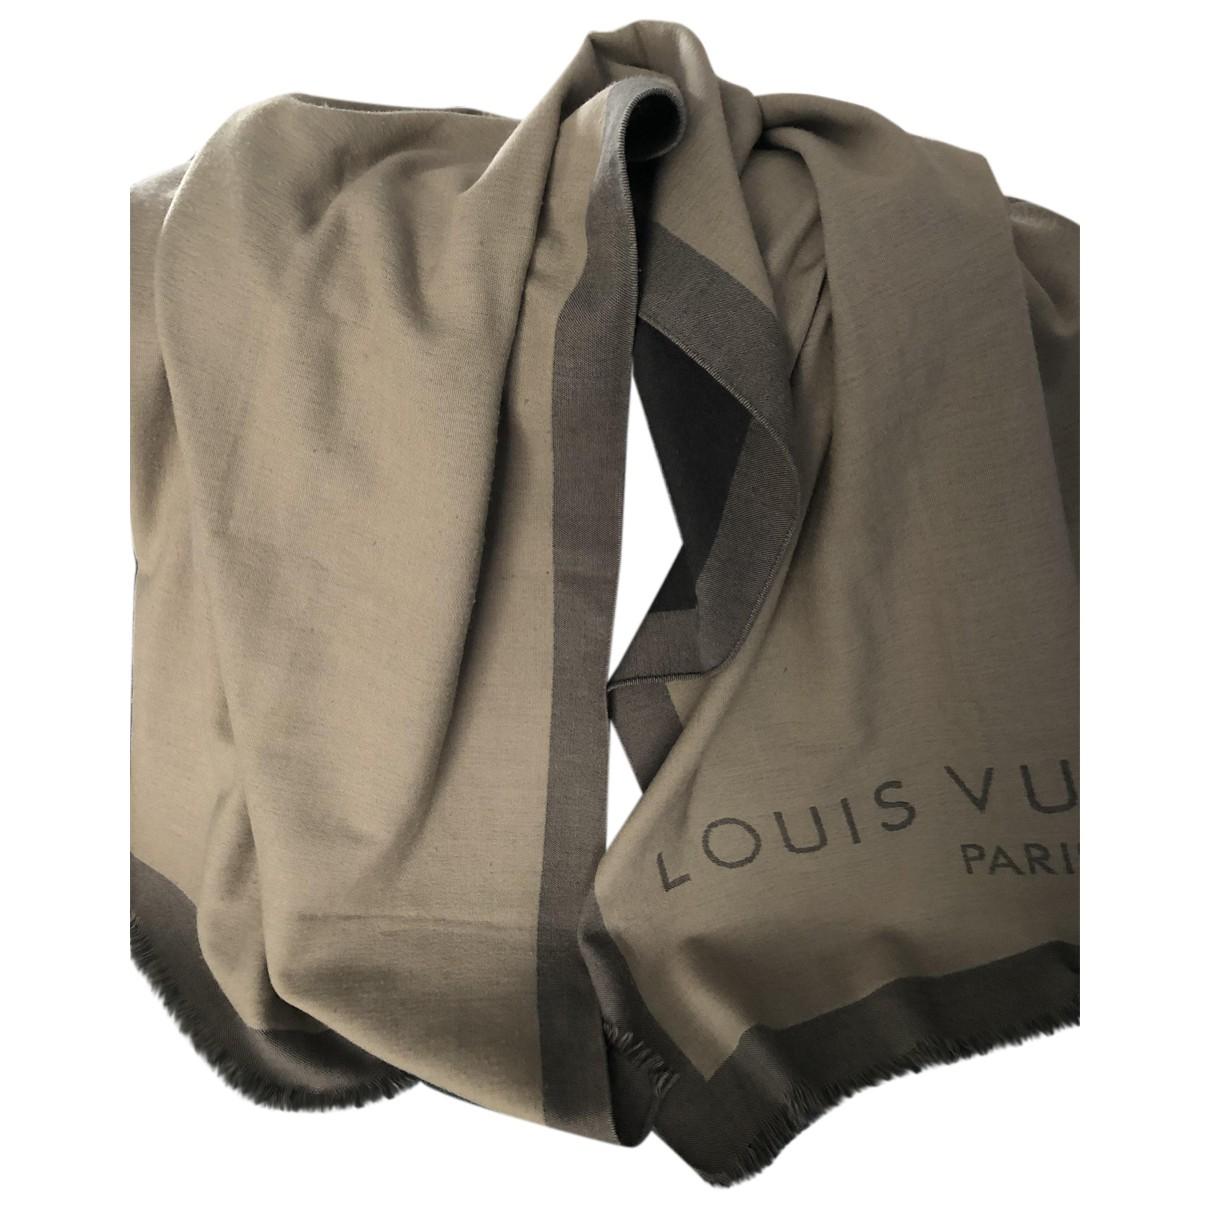 Estola de Lana Louis Vuitton